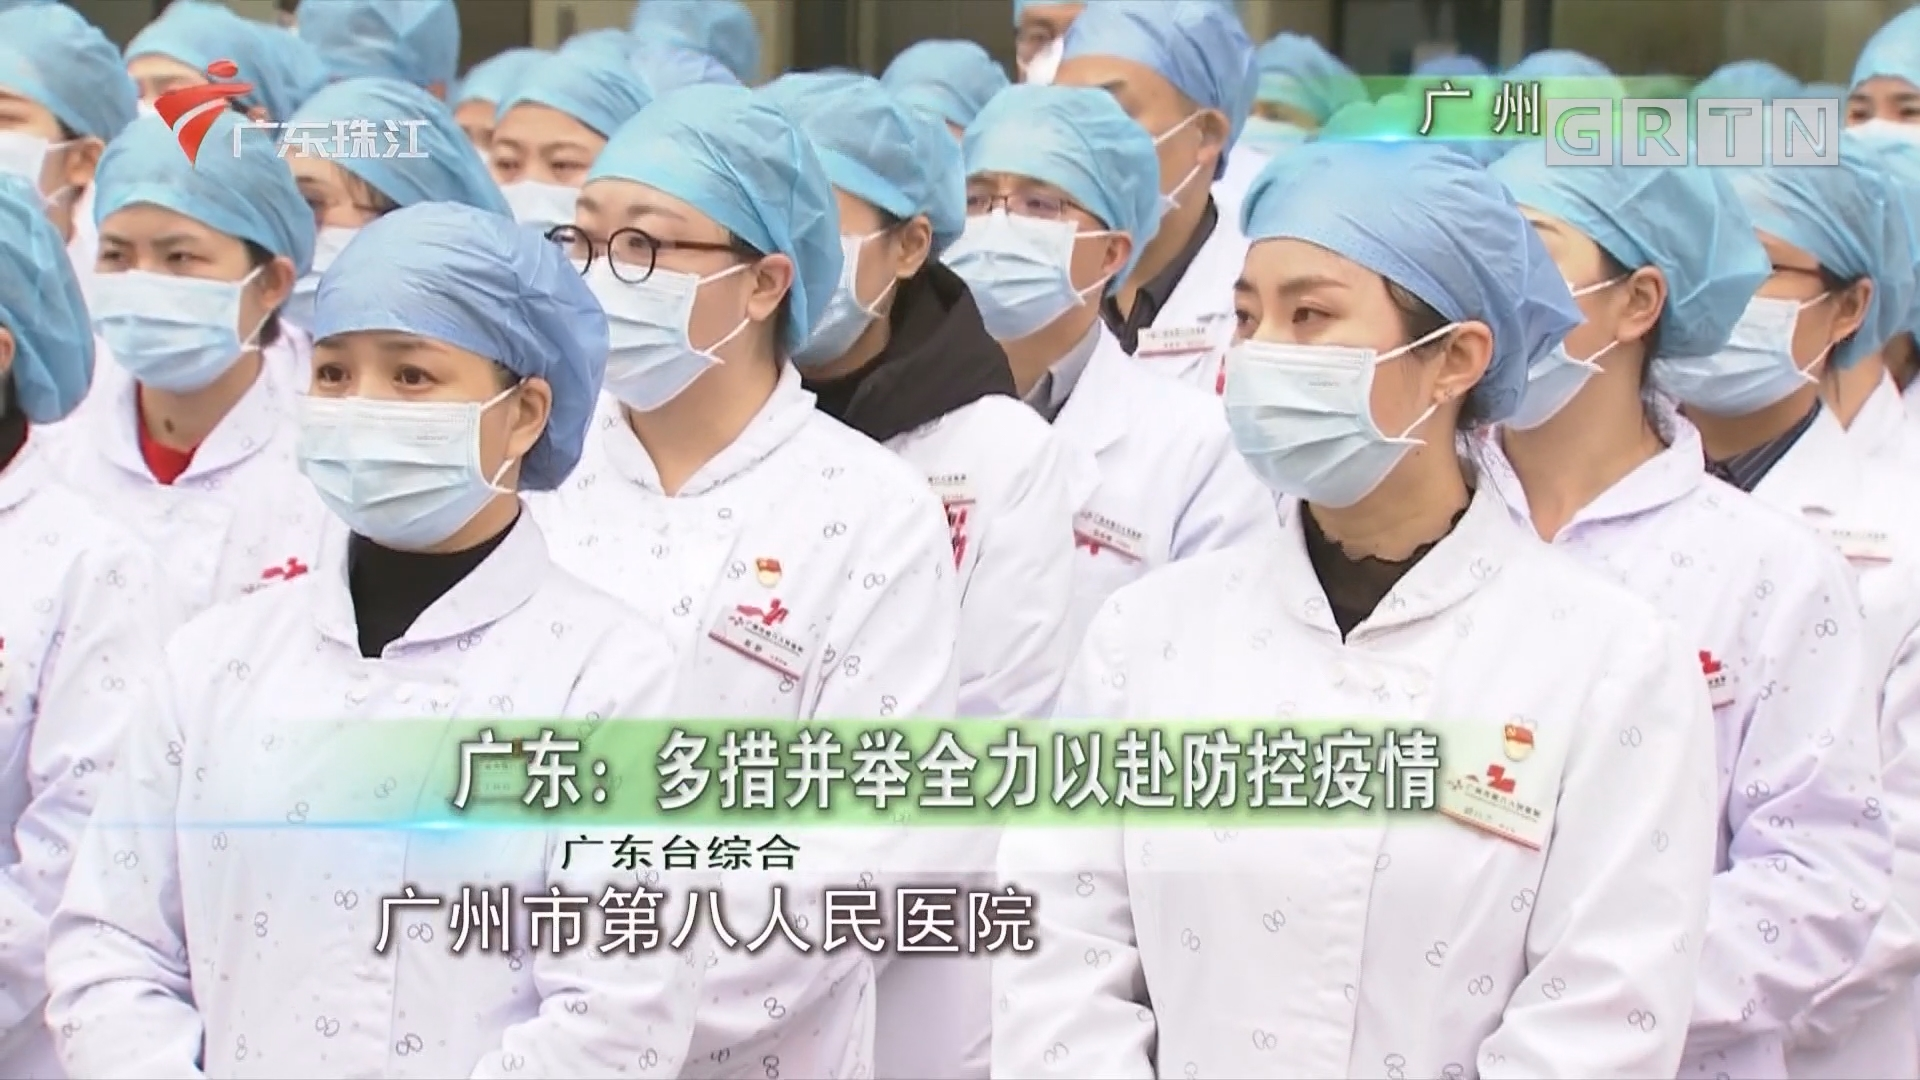 广东:多措并举全力以赴防控疫情